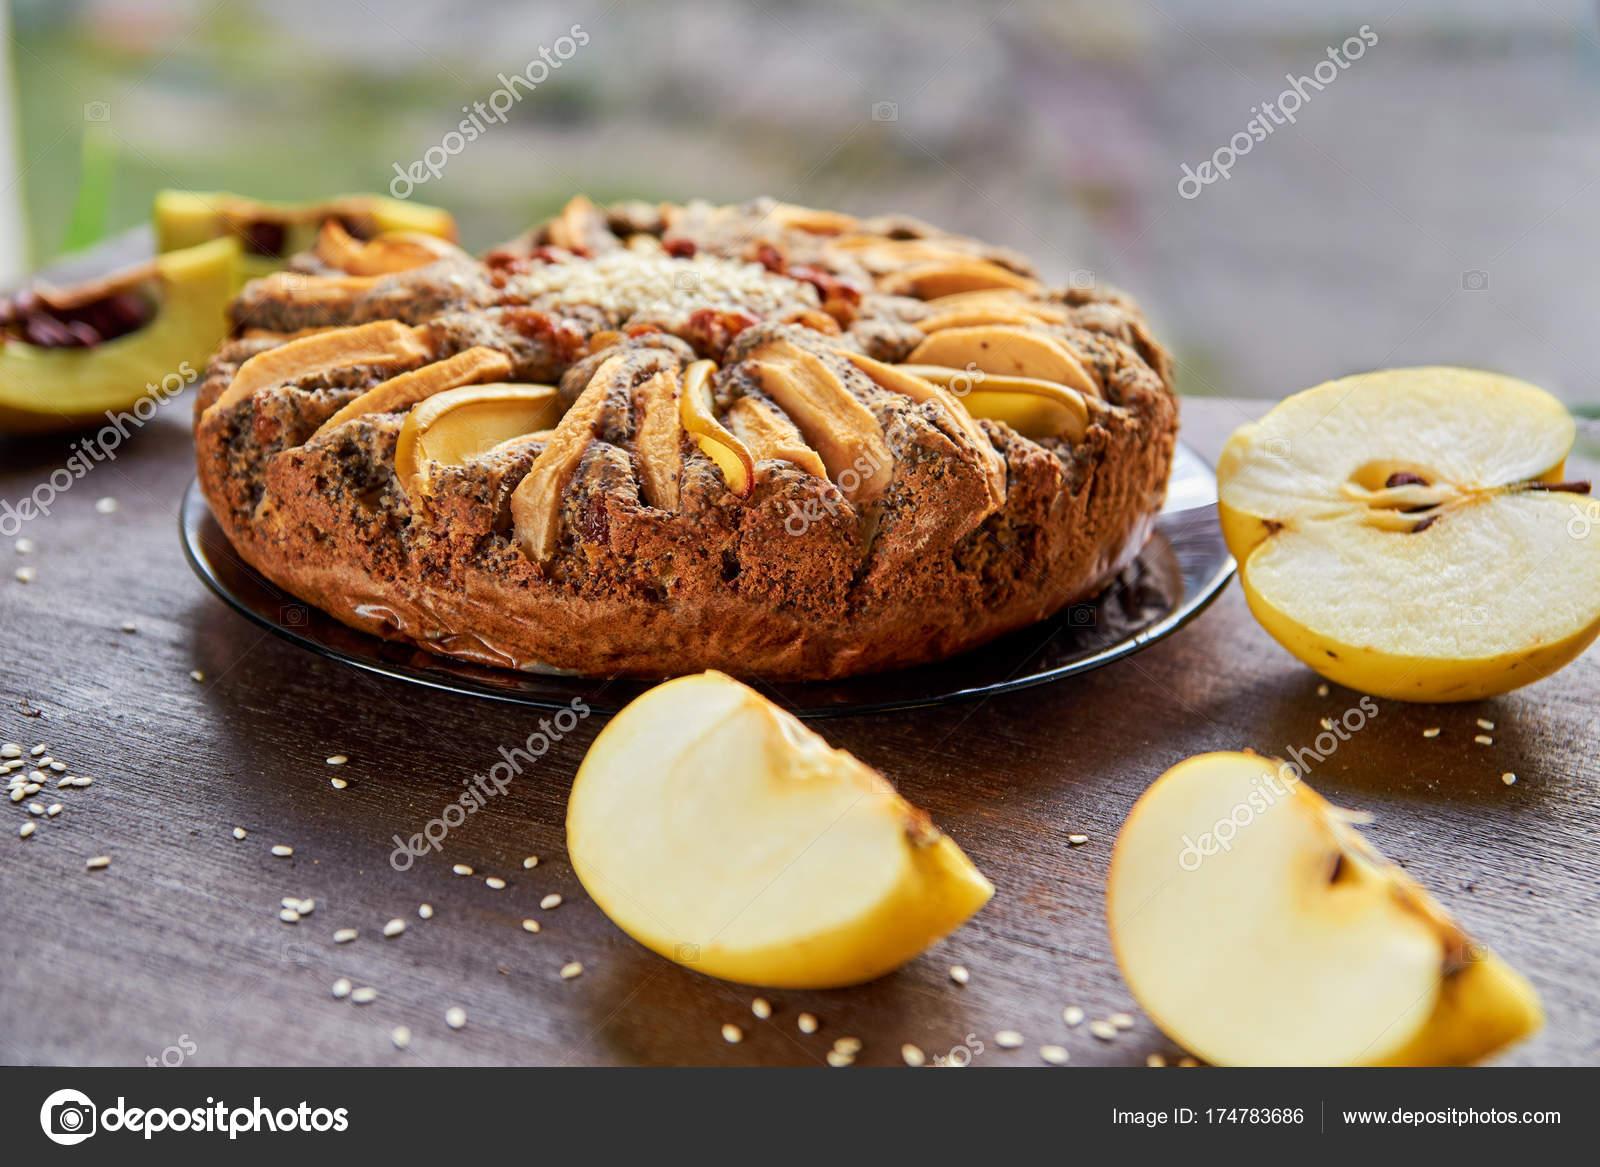 Яблочные кексы с маком, корицей, айвой и даже ирисками: рецепты приготовления картинки